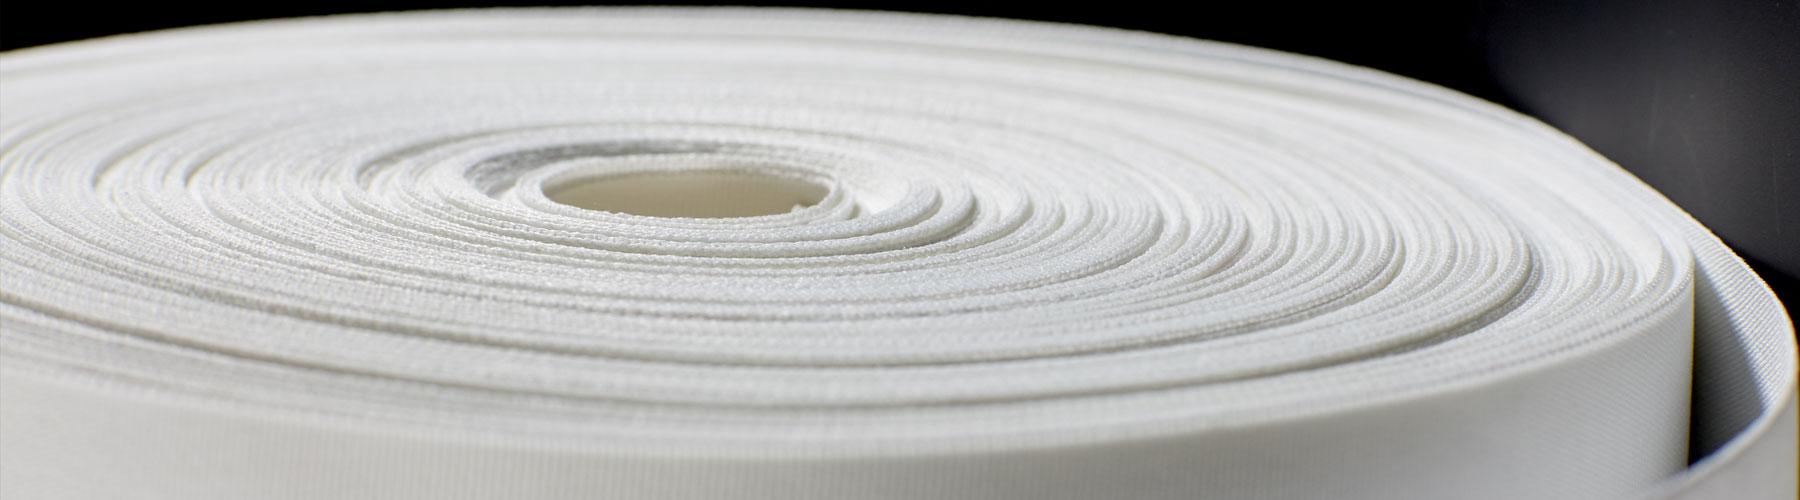 beachflag elastic white